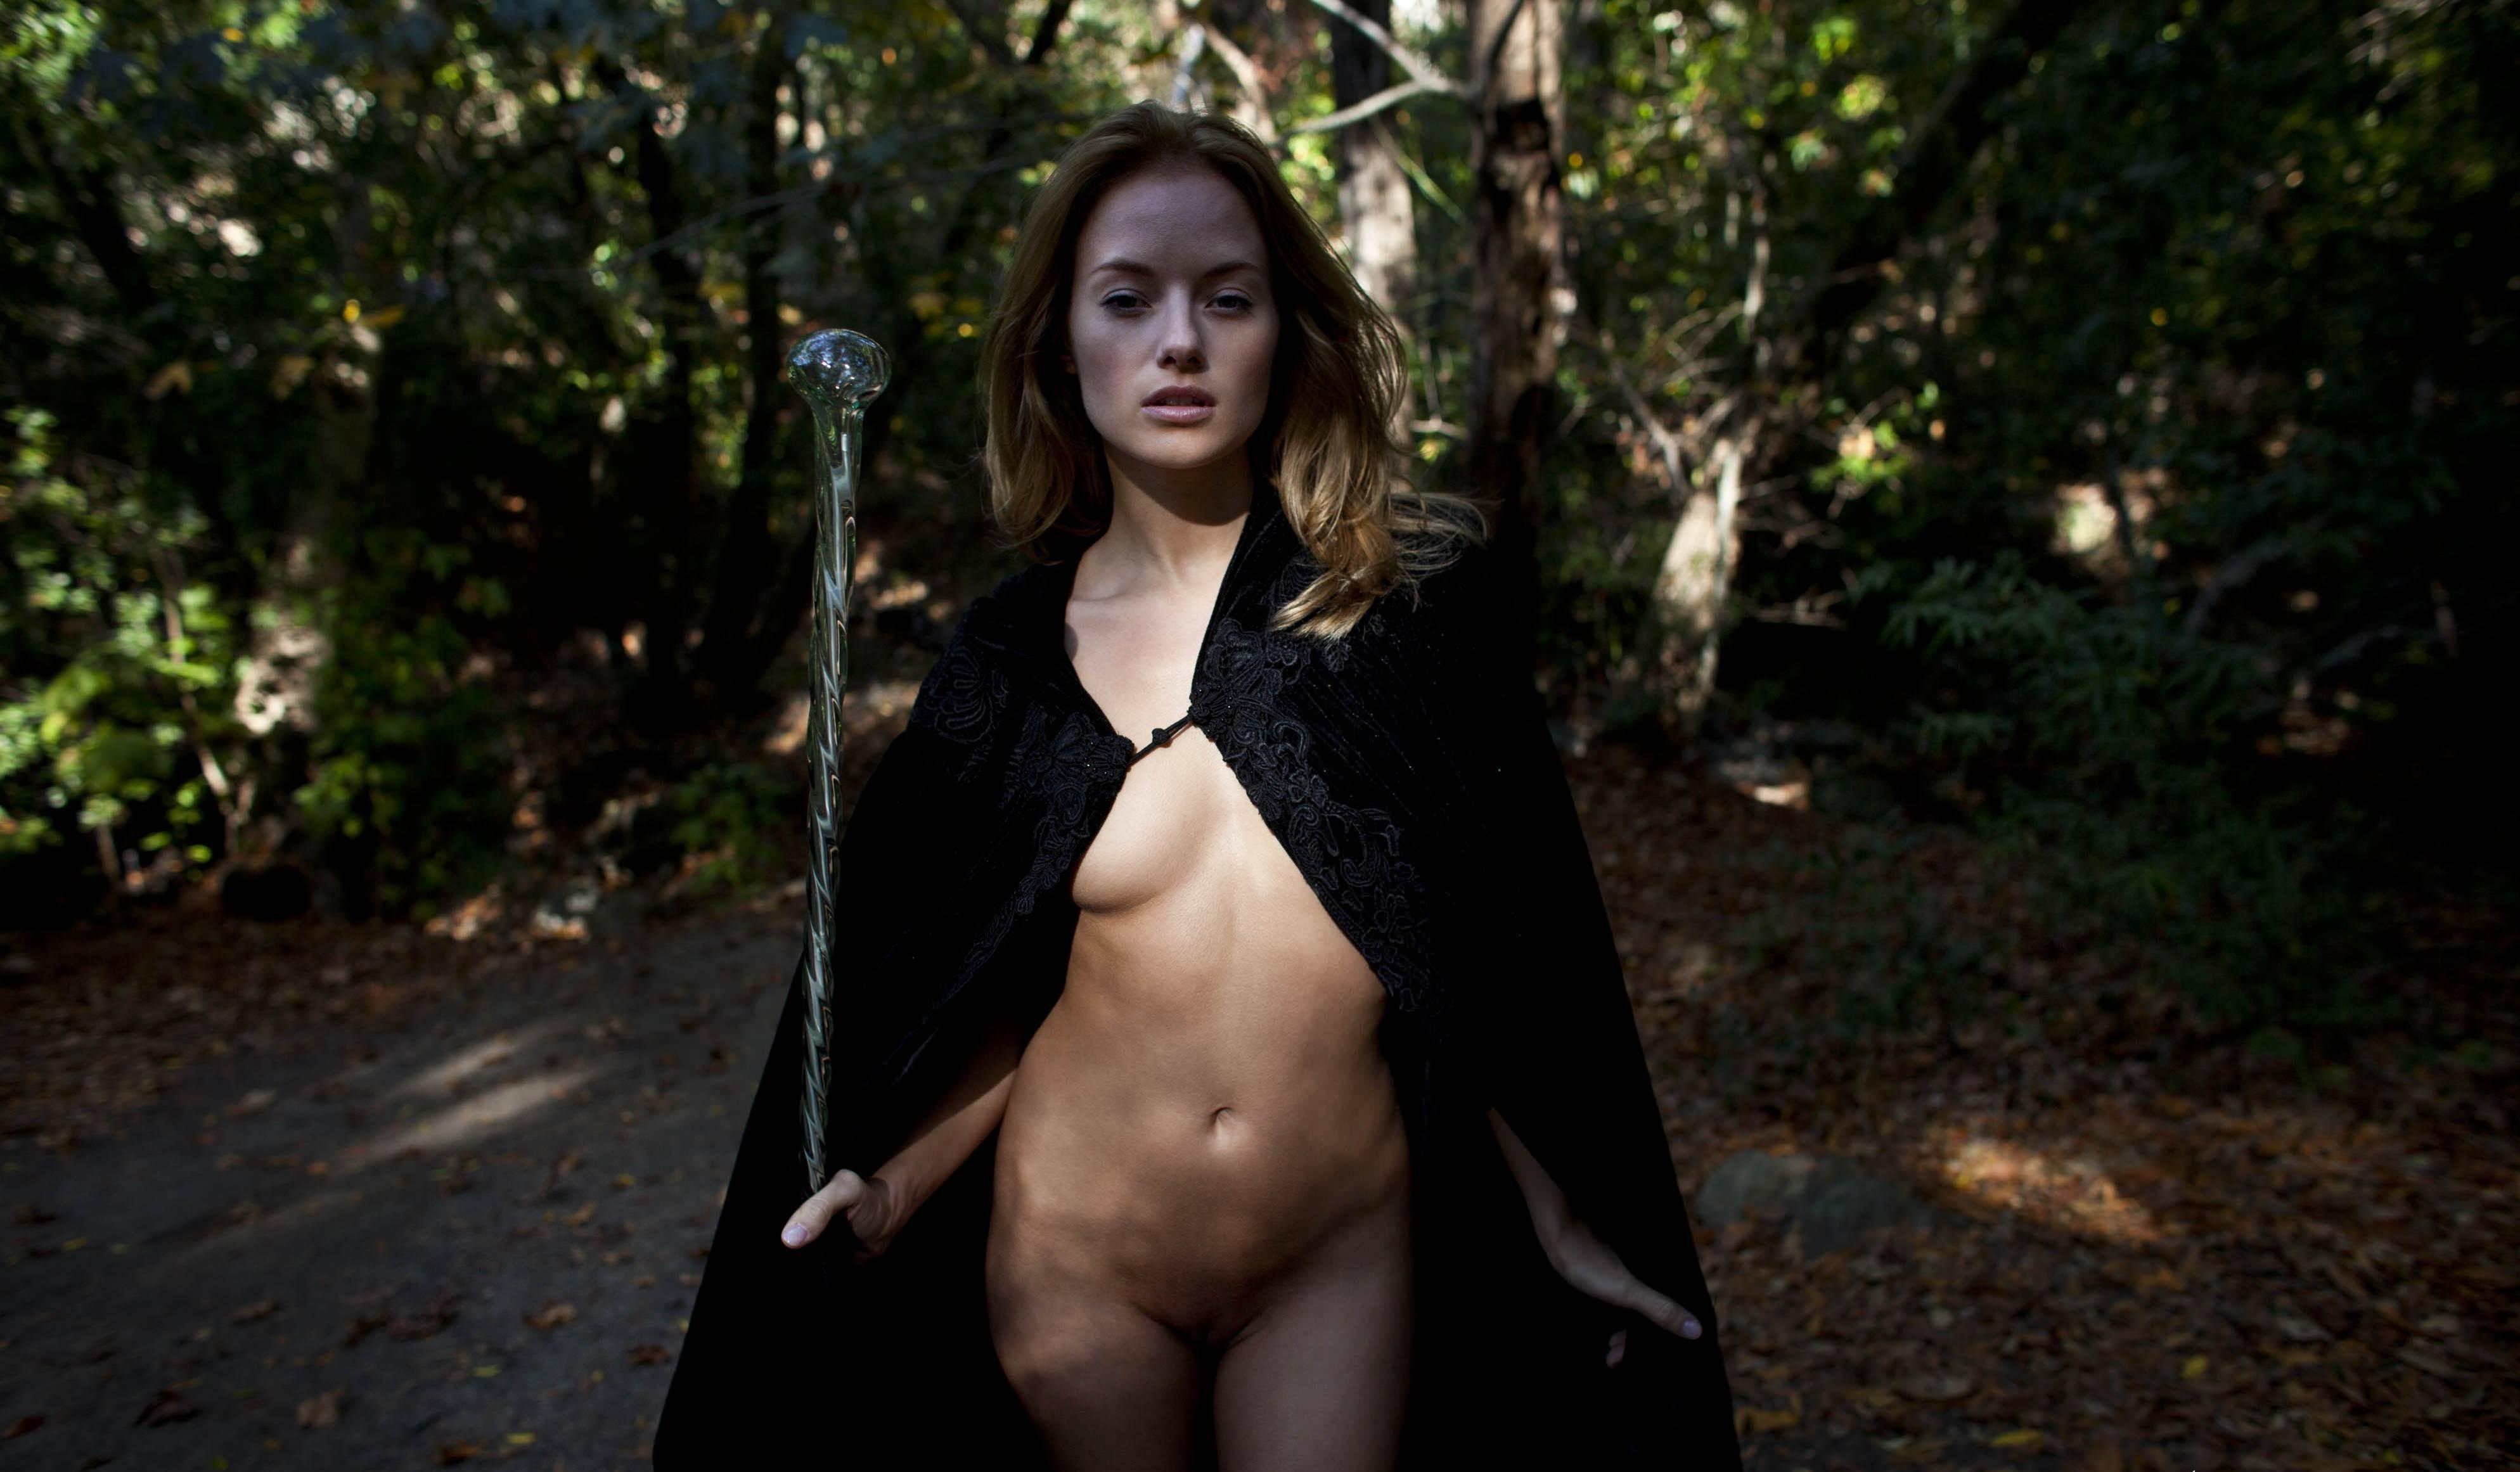 Фото Обнаженная волшебница в черном плаще, посох, лес, скачать картинку бесплатно